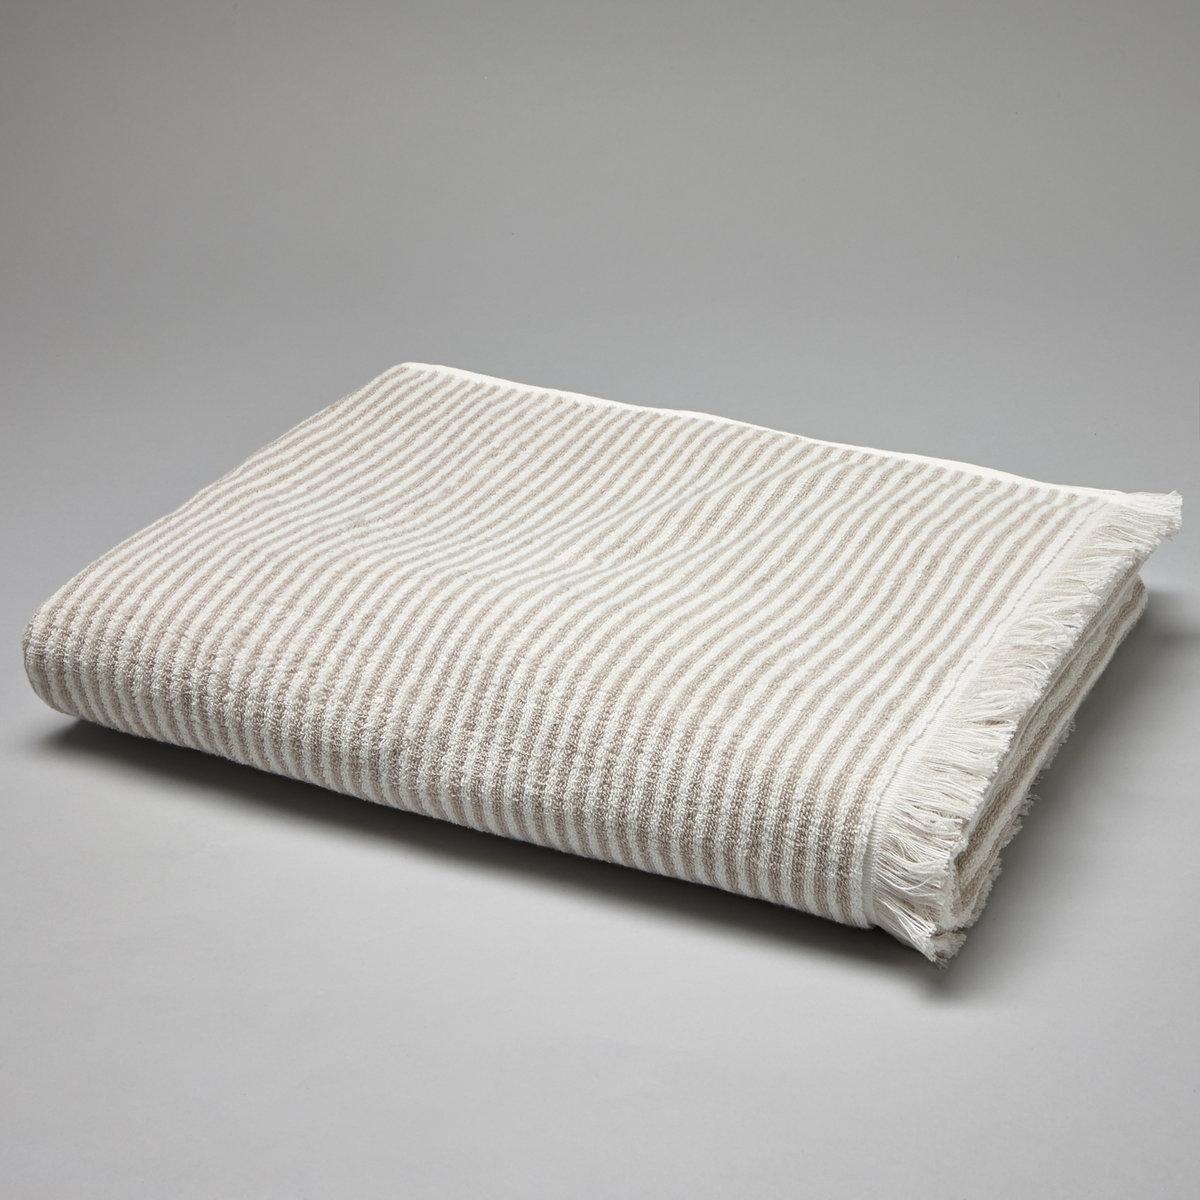 Полотенце большое в полоску, 500 г/м?Описание большого полотенца в полоску, 500 г/м?:в полоску, 100% хлопка (500 г/м?). Восхитительная мягкость и прочность. Замечательно сохраняет цвет при стирке при 60°.Машинная сушка.Размеры большого полотенца в полоску, 500 г/м? :100 x 150 см.<br><br>Цвет: серо-бежевый